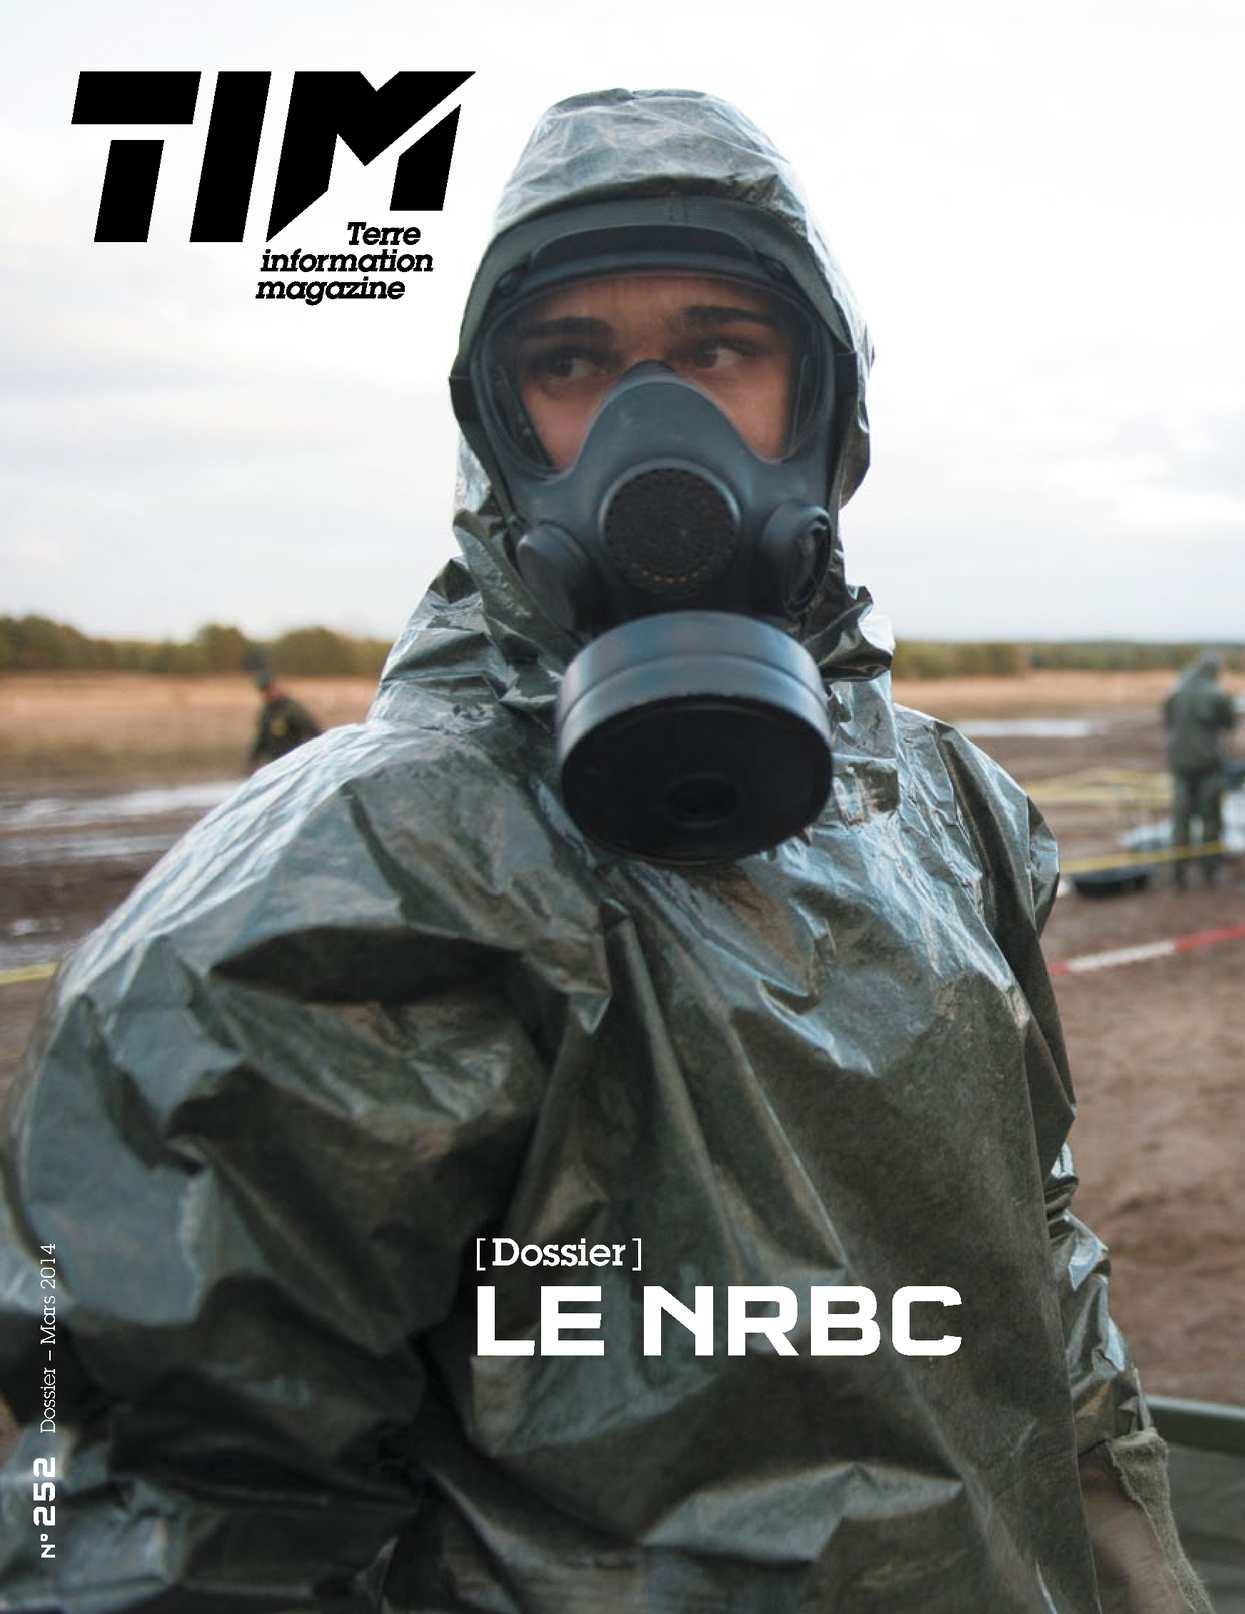 Populaire Calaméo - Dossier NRBC FD91